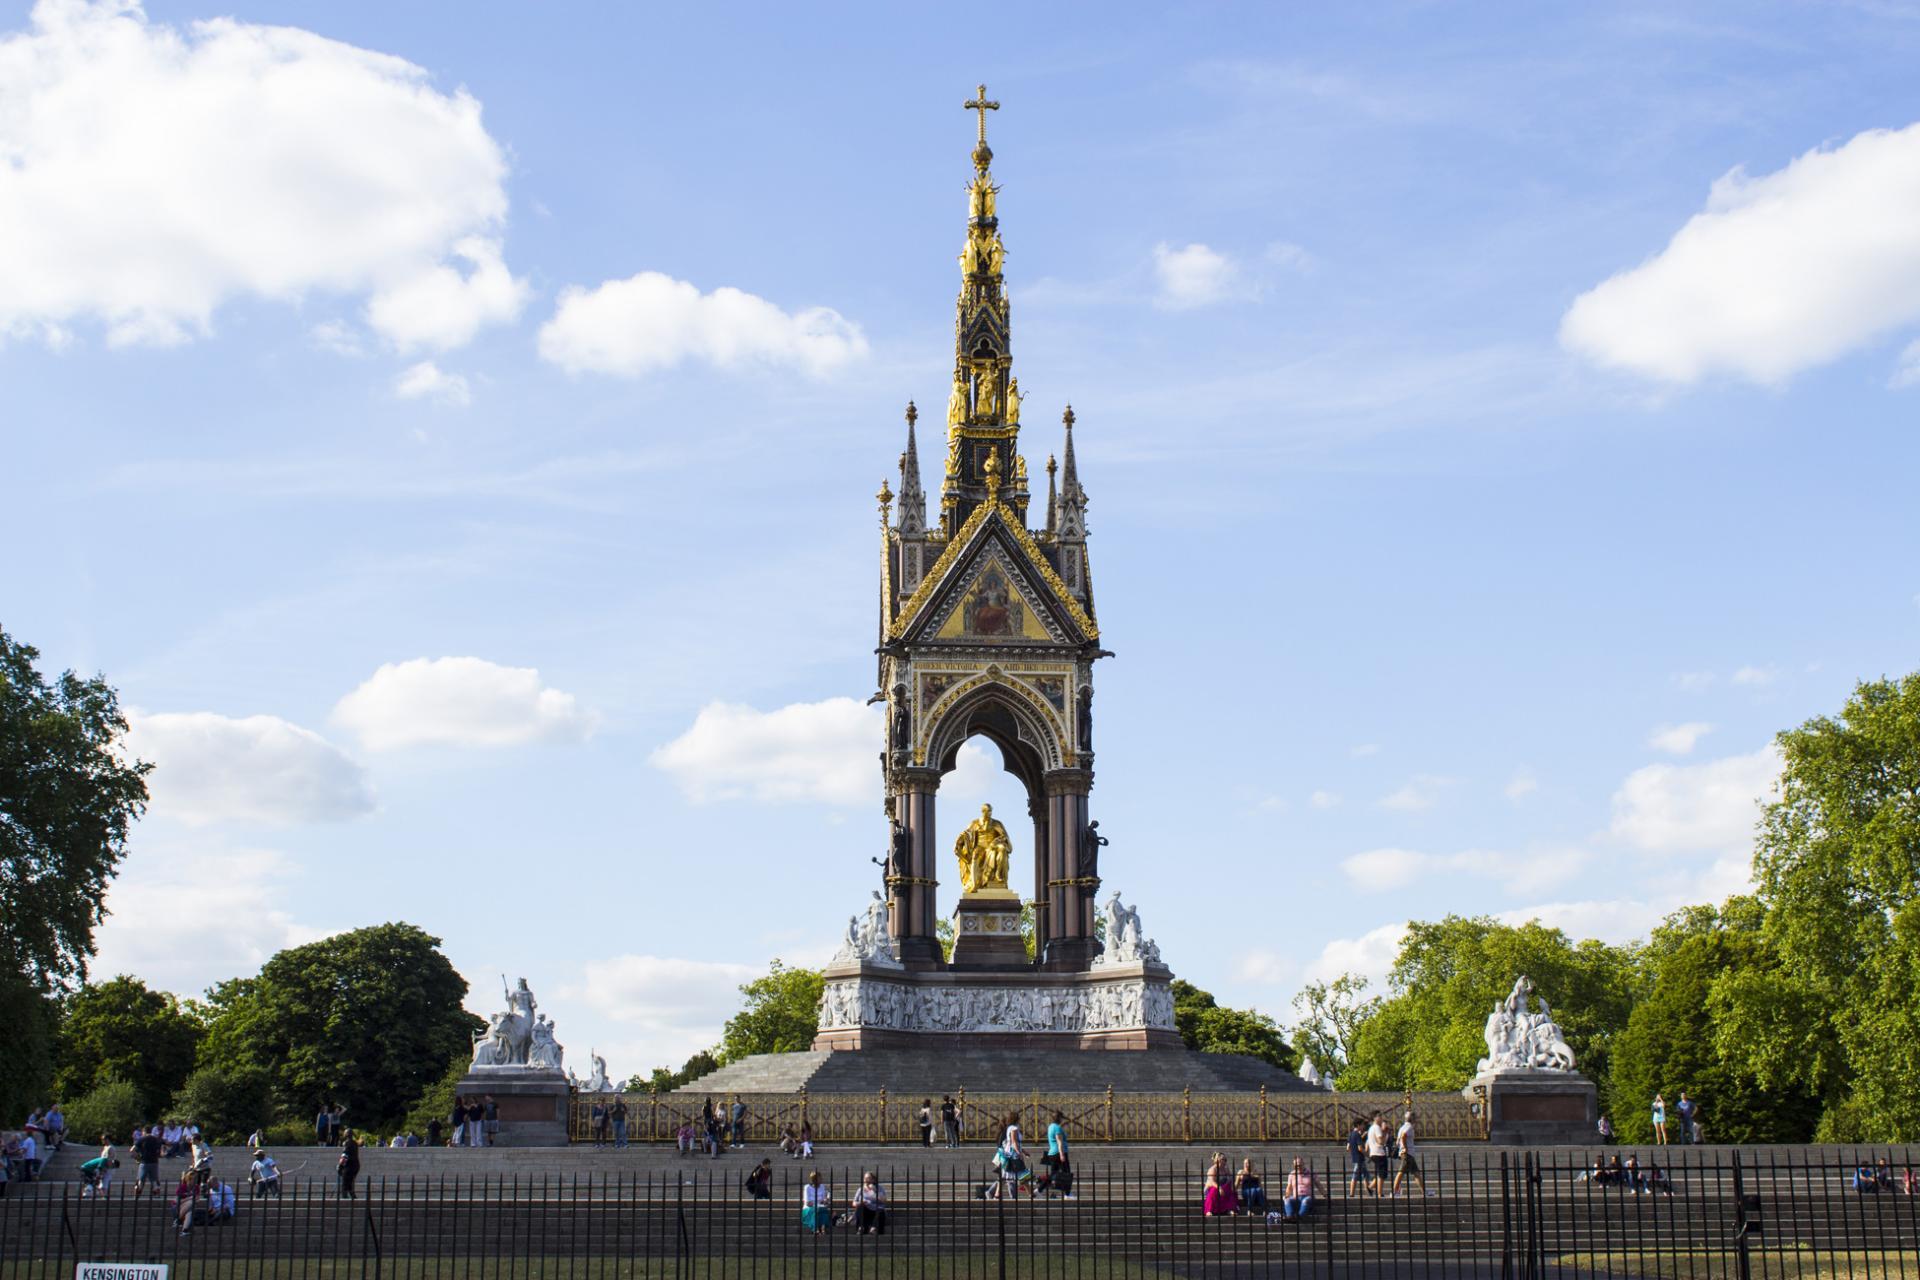 Royal Albert Memorial en los Kensington Gardens de Londres